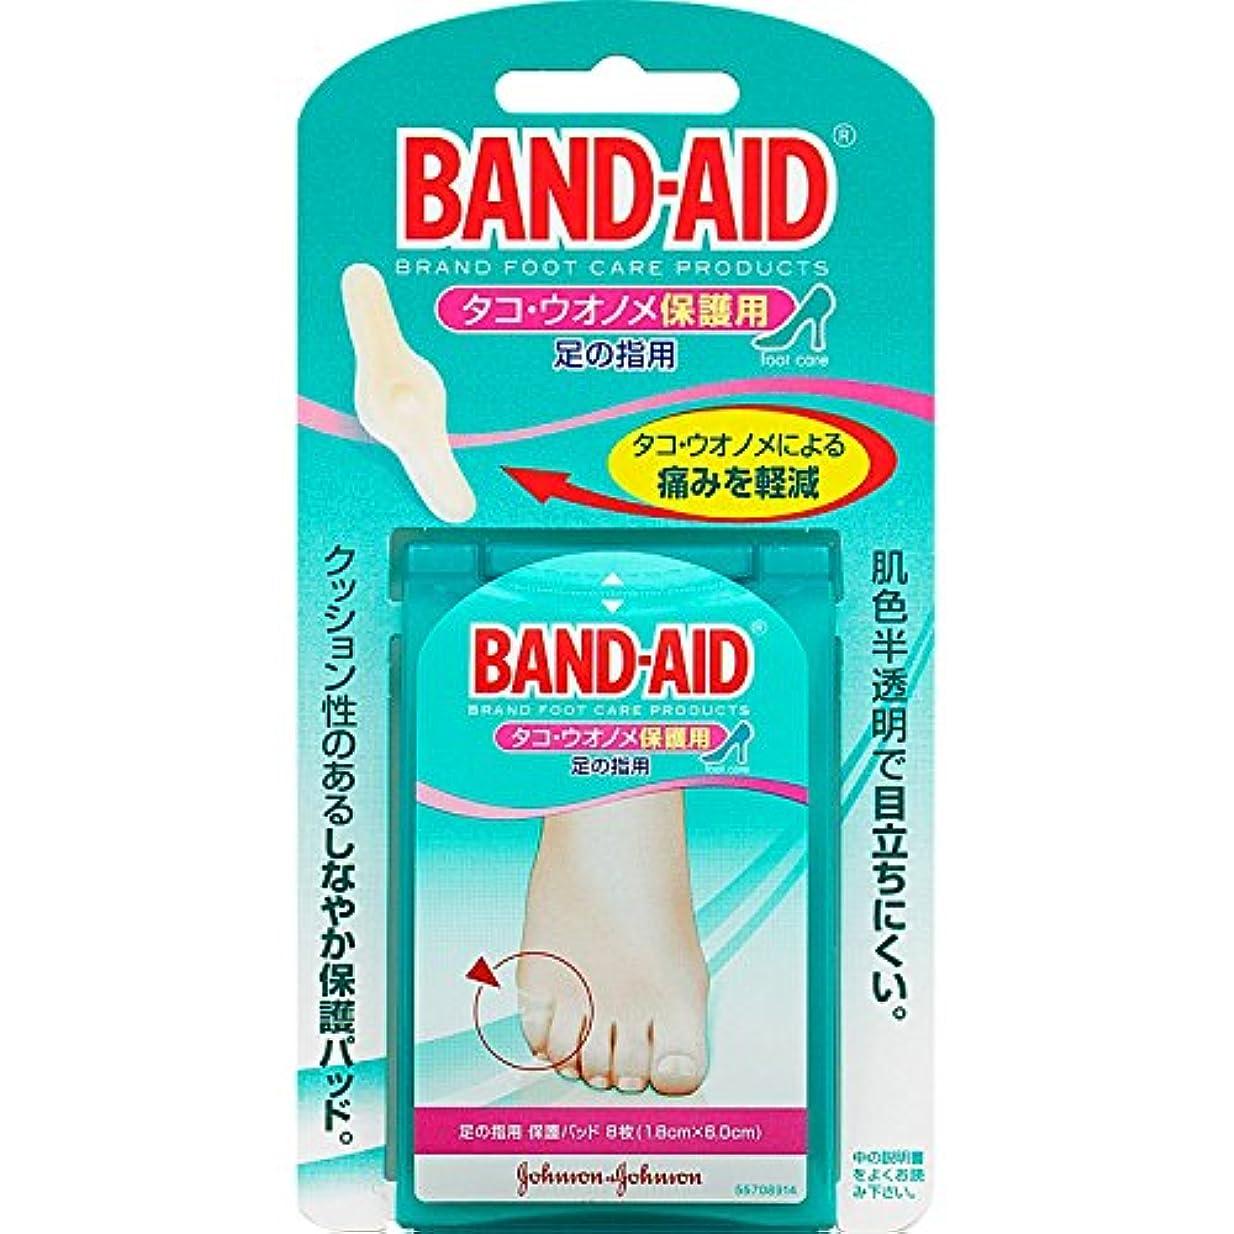 展示会版カポックBAND-AID(バンドエイド) タコ?ウオノメ保護用 足の指用 8枚